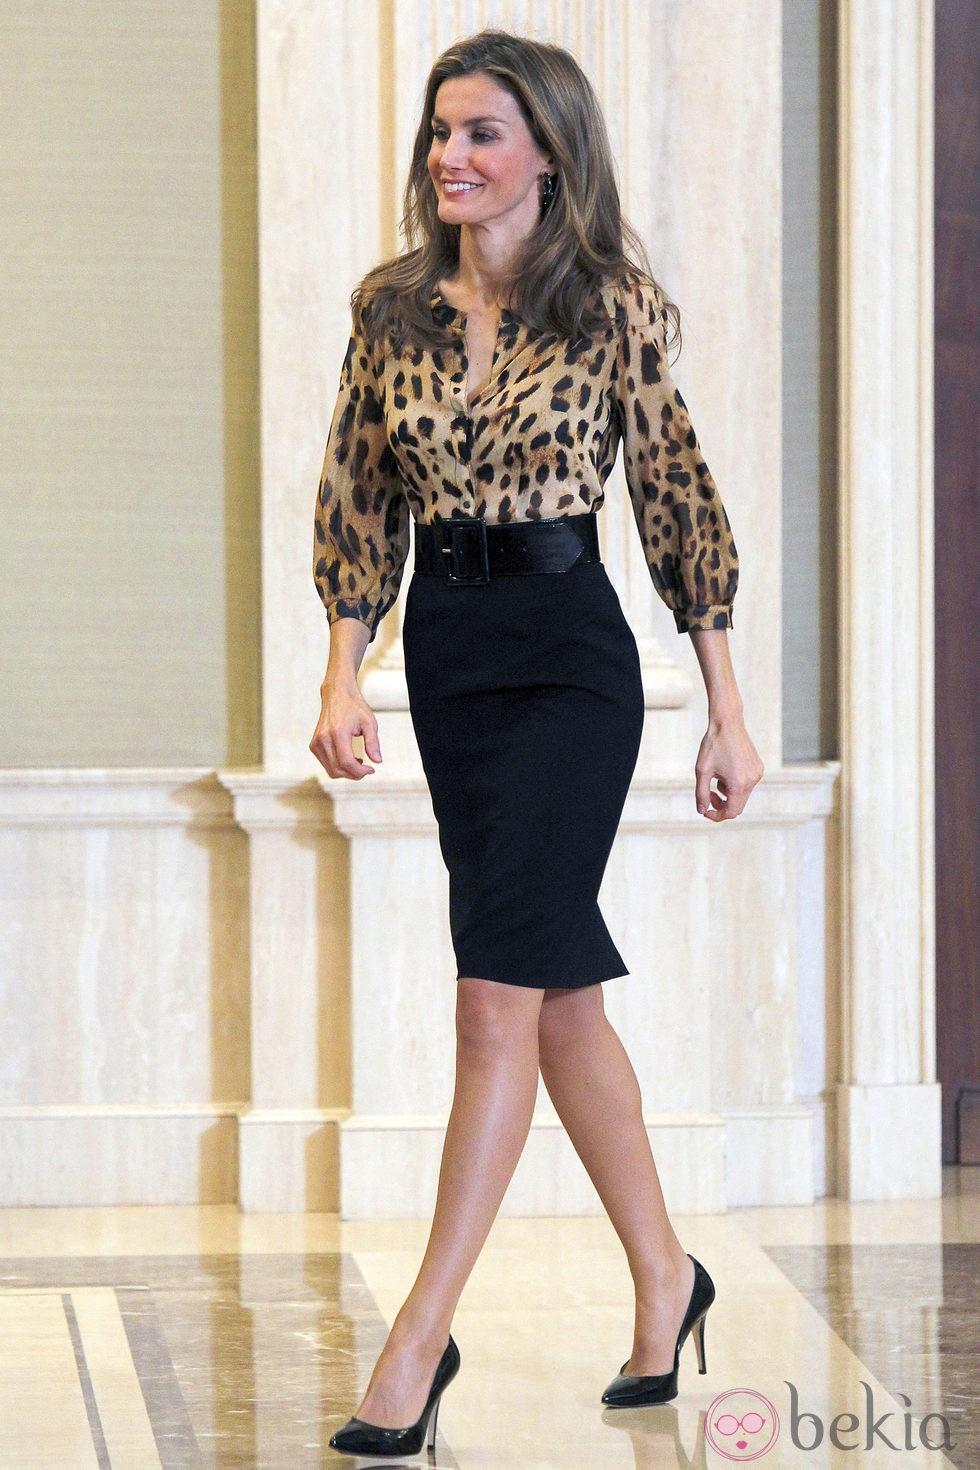 La Princesa Letizia con un look animal print en una audiencia en Zarzuela